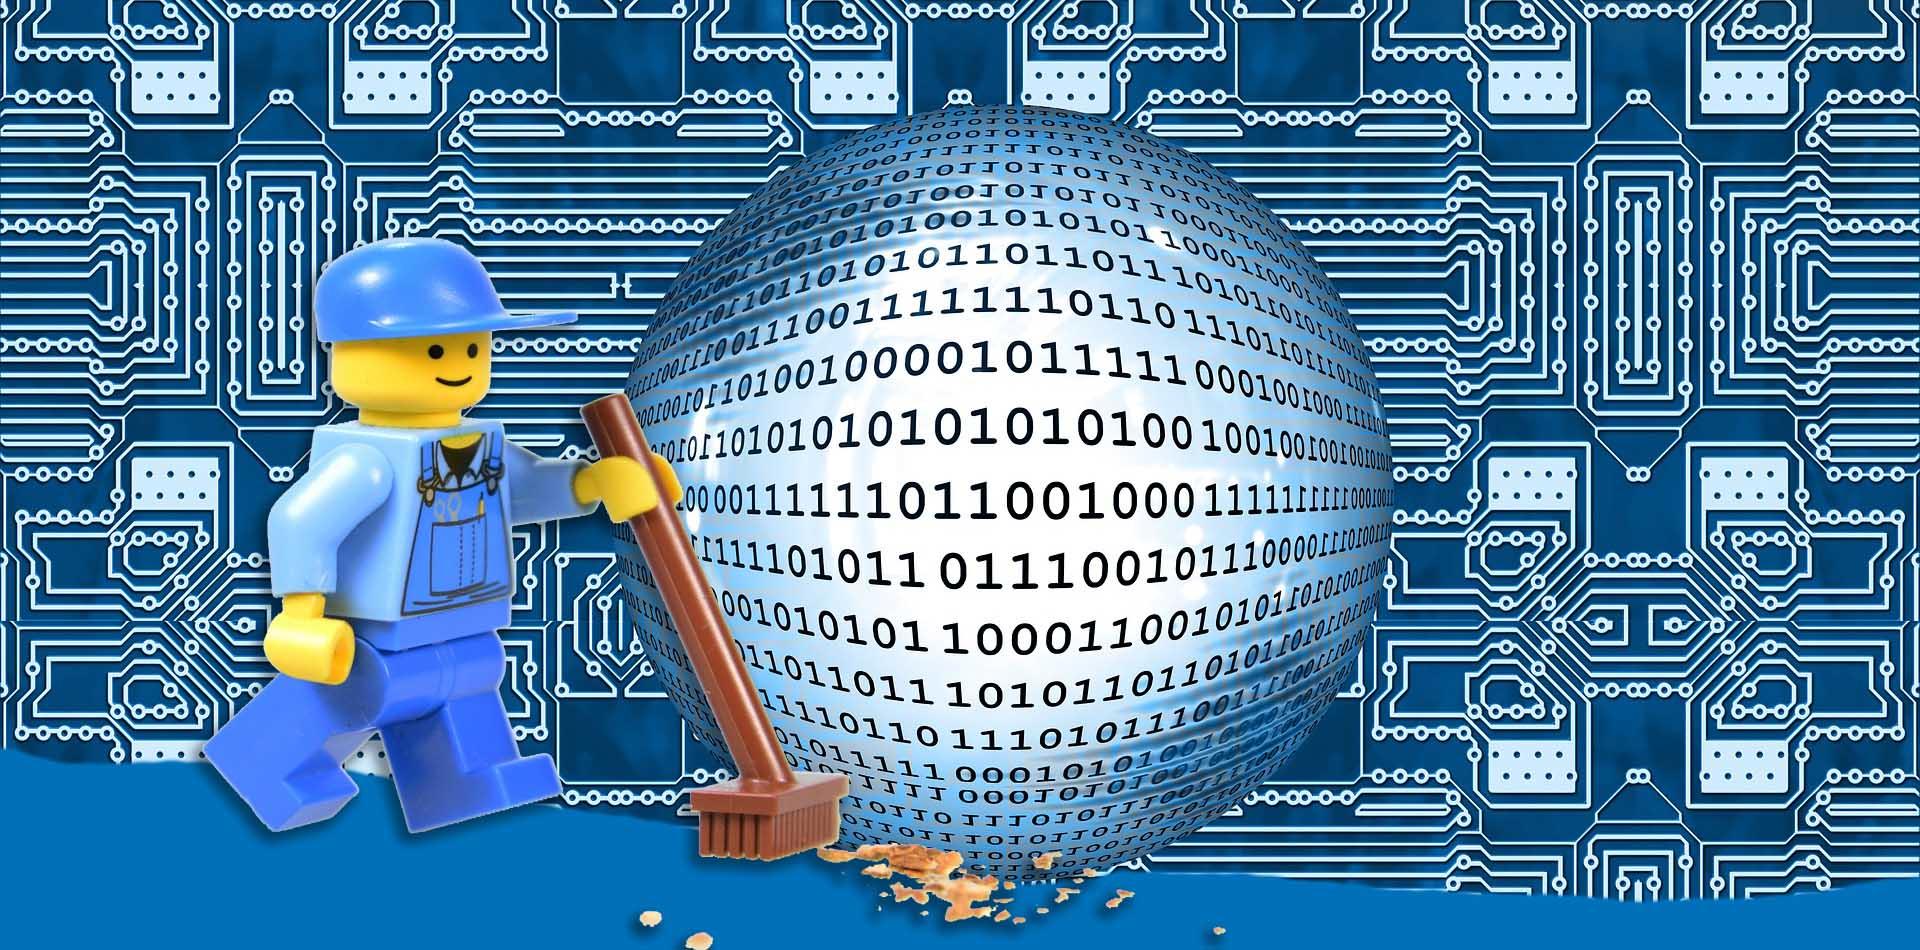 Datenbereinigung – absolute Pflicht für jeden Versender wegen Datensparsamkeit